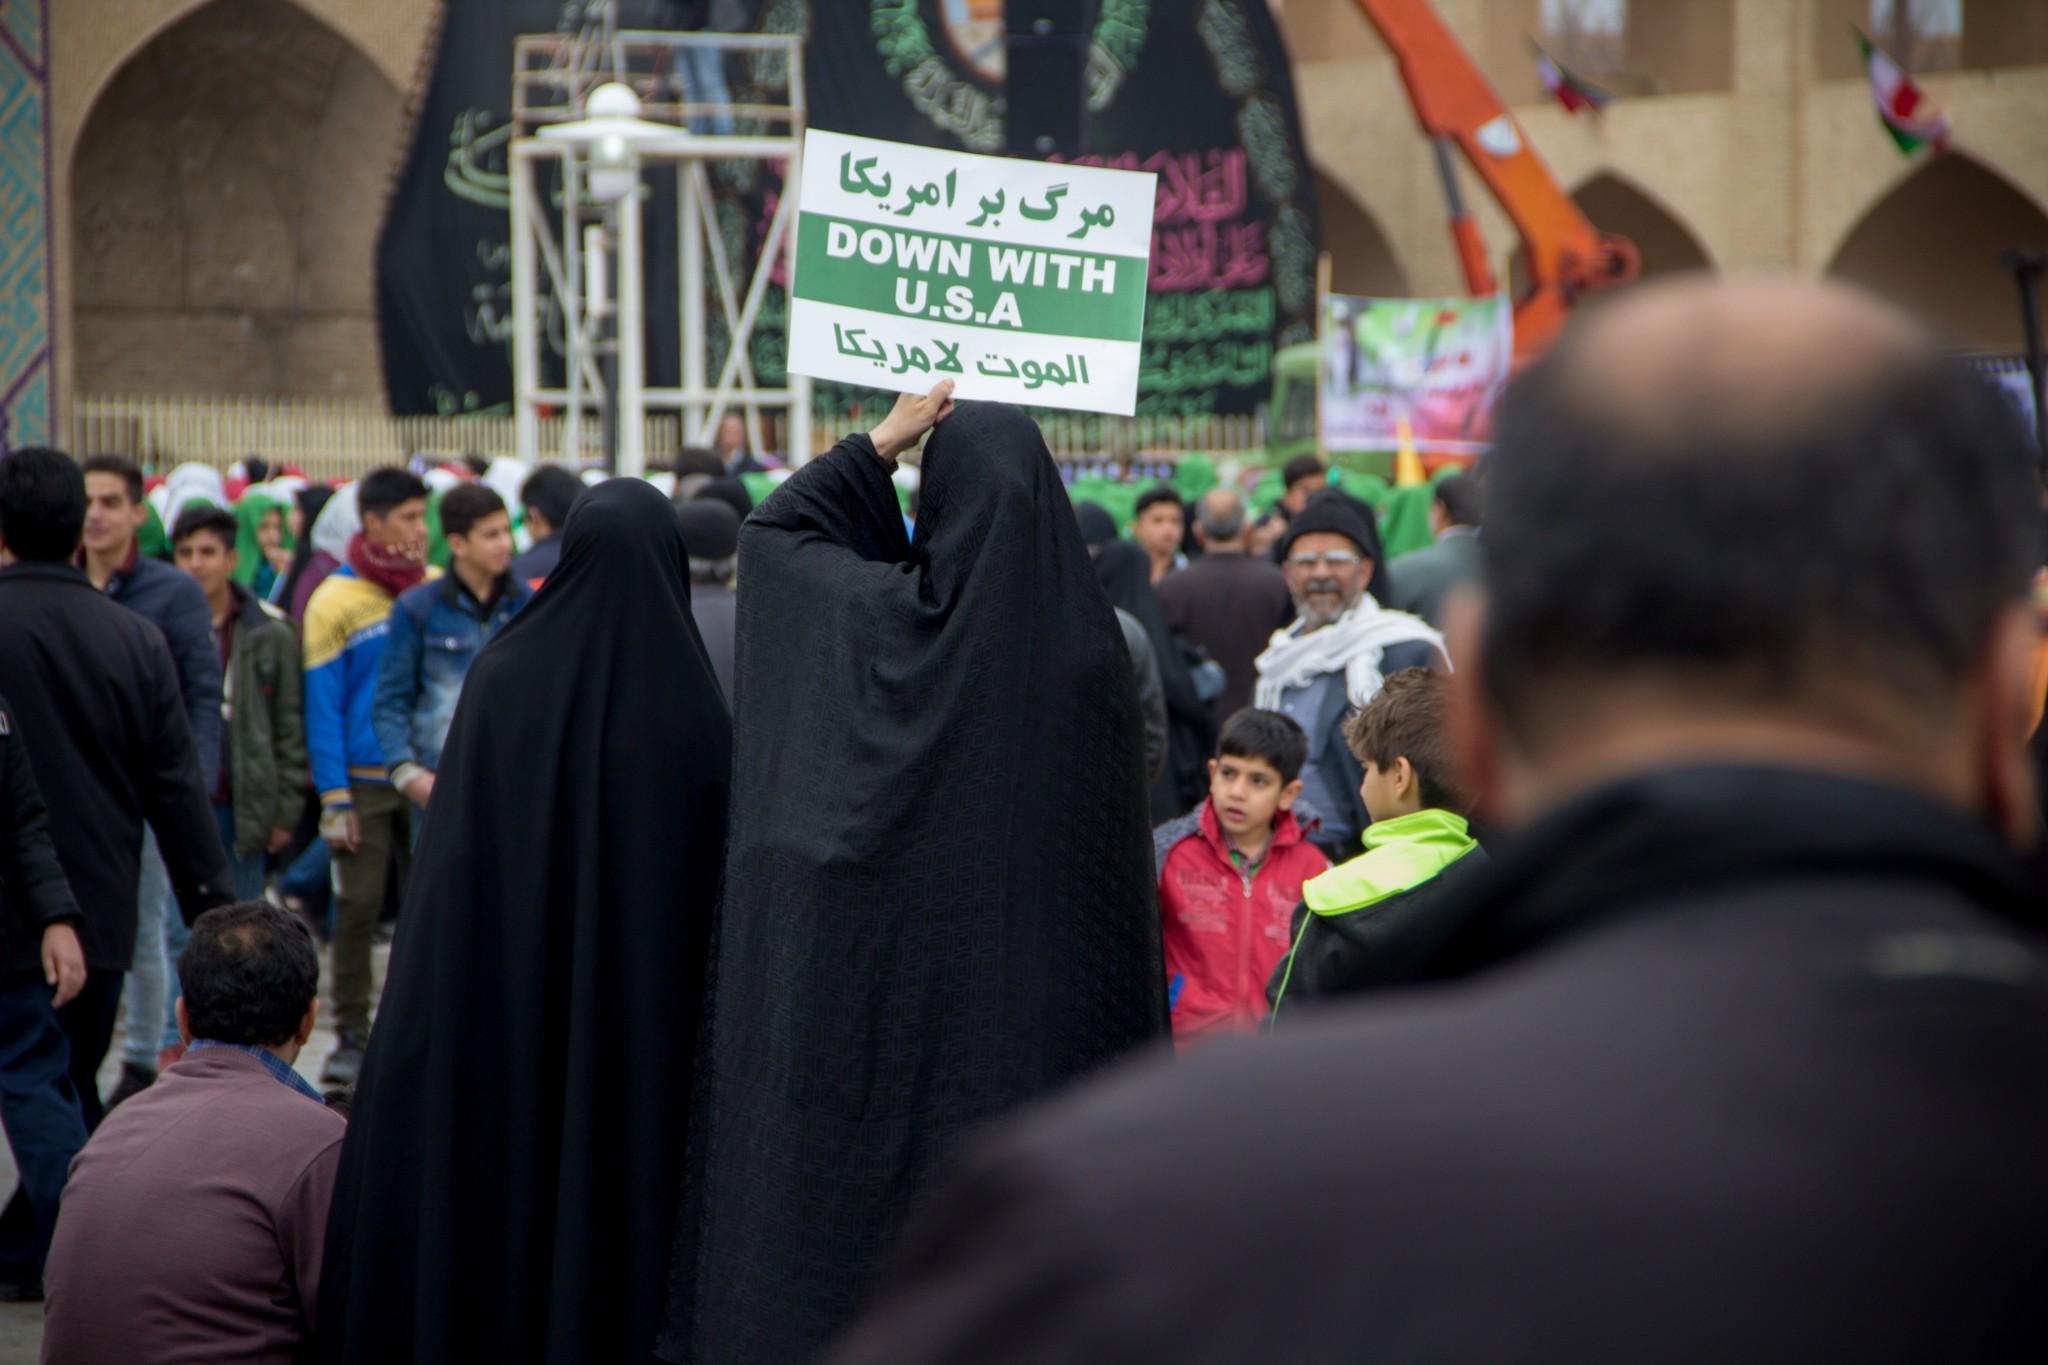 Newsweek Whitewashes Islam | The American Spectator | USA News and PoliticsThe American Spectator | USA News and Politics